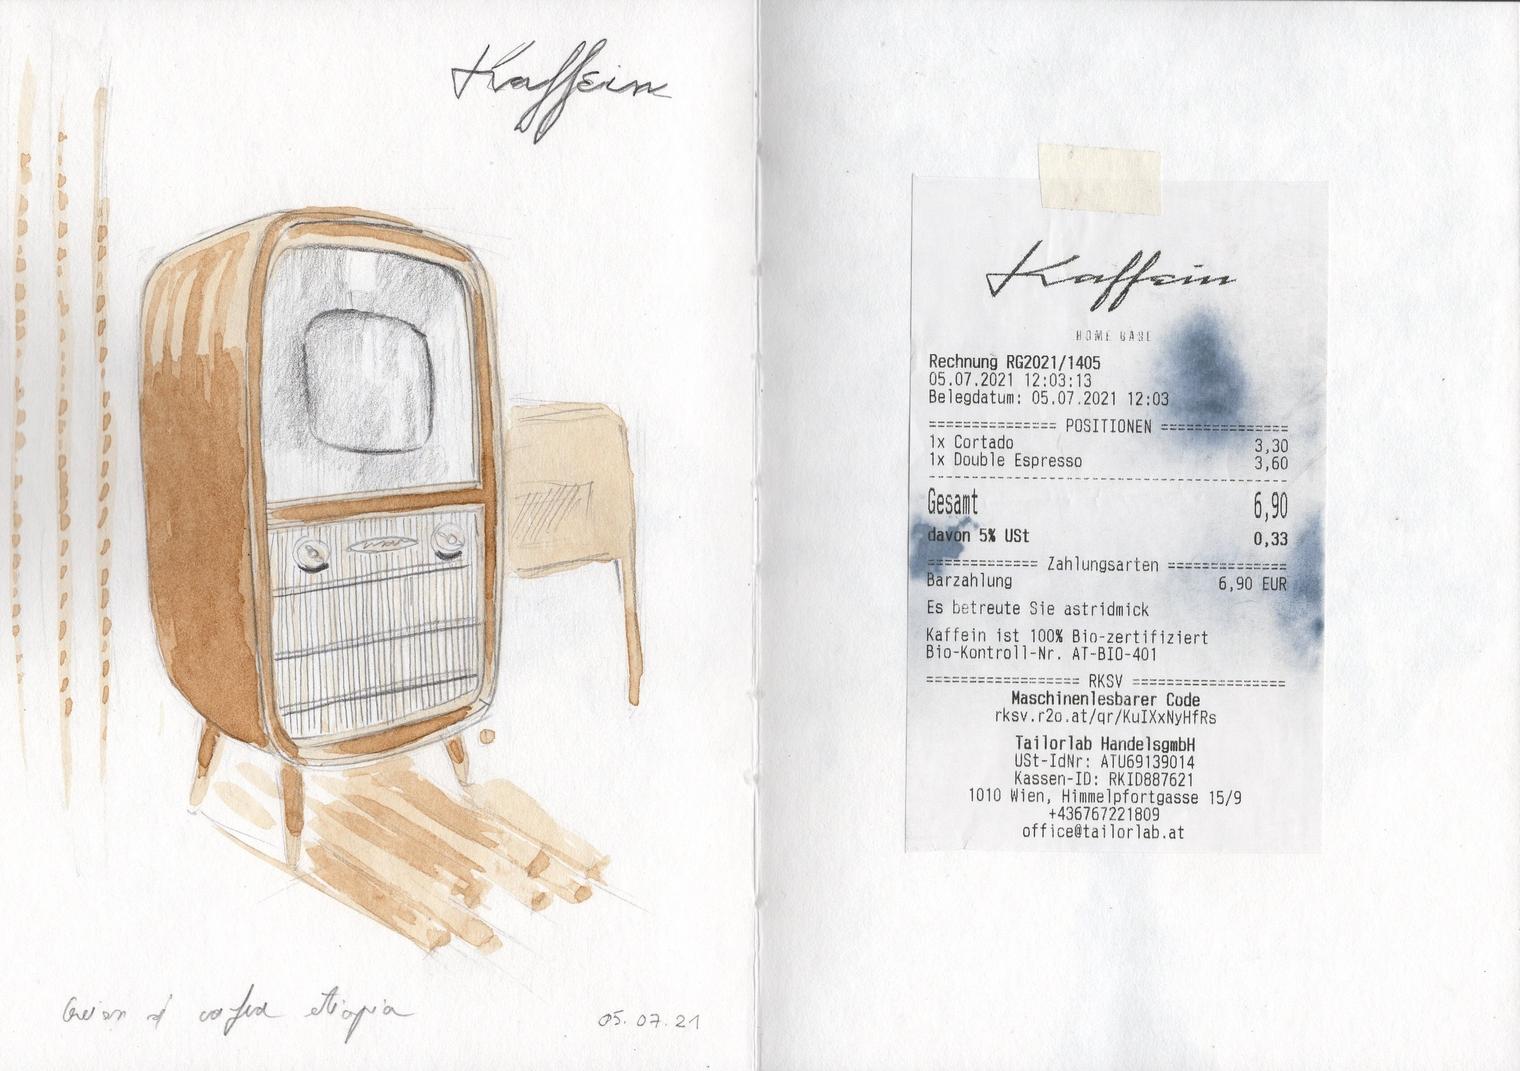 agină din caietul de schițe (televizor vechi la Kaffein). Desen în cafea și creion.